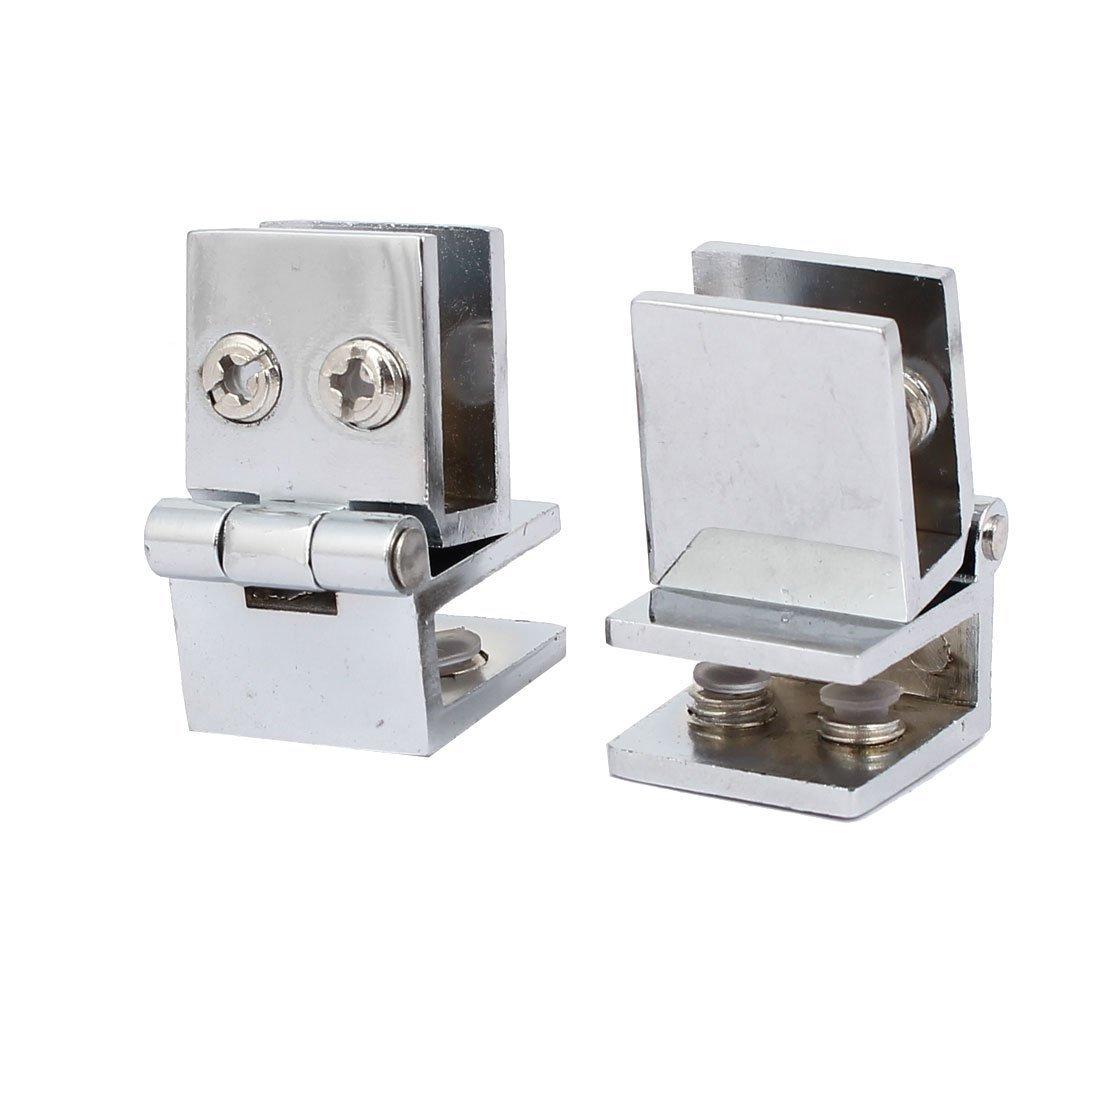 sourcingmap® Alliage de zinc 90 Degré Verre sur verre Verre charnière porte à porte-clips de fermeture 2pcs sourcing map a16120100ux0361